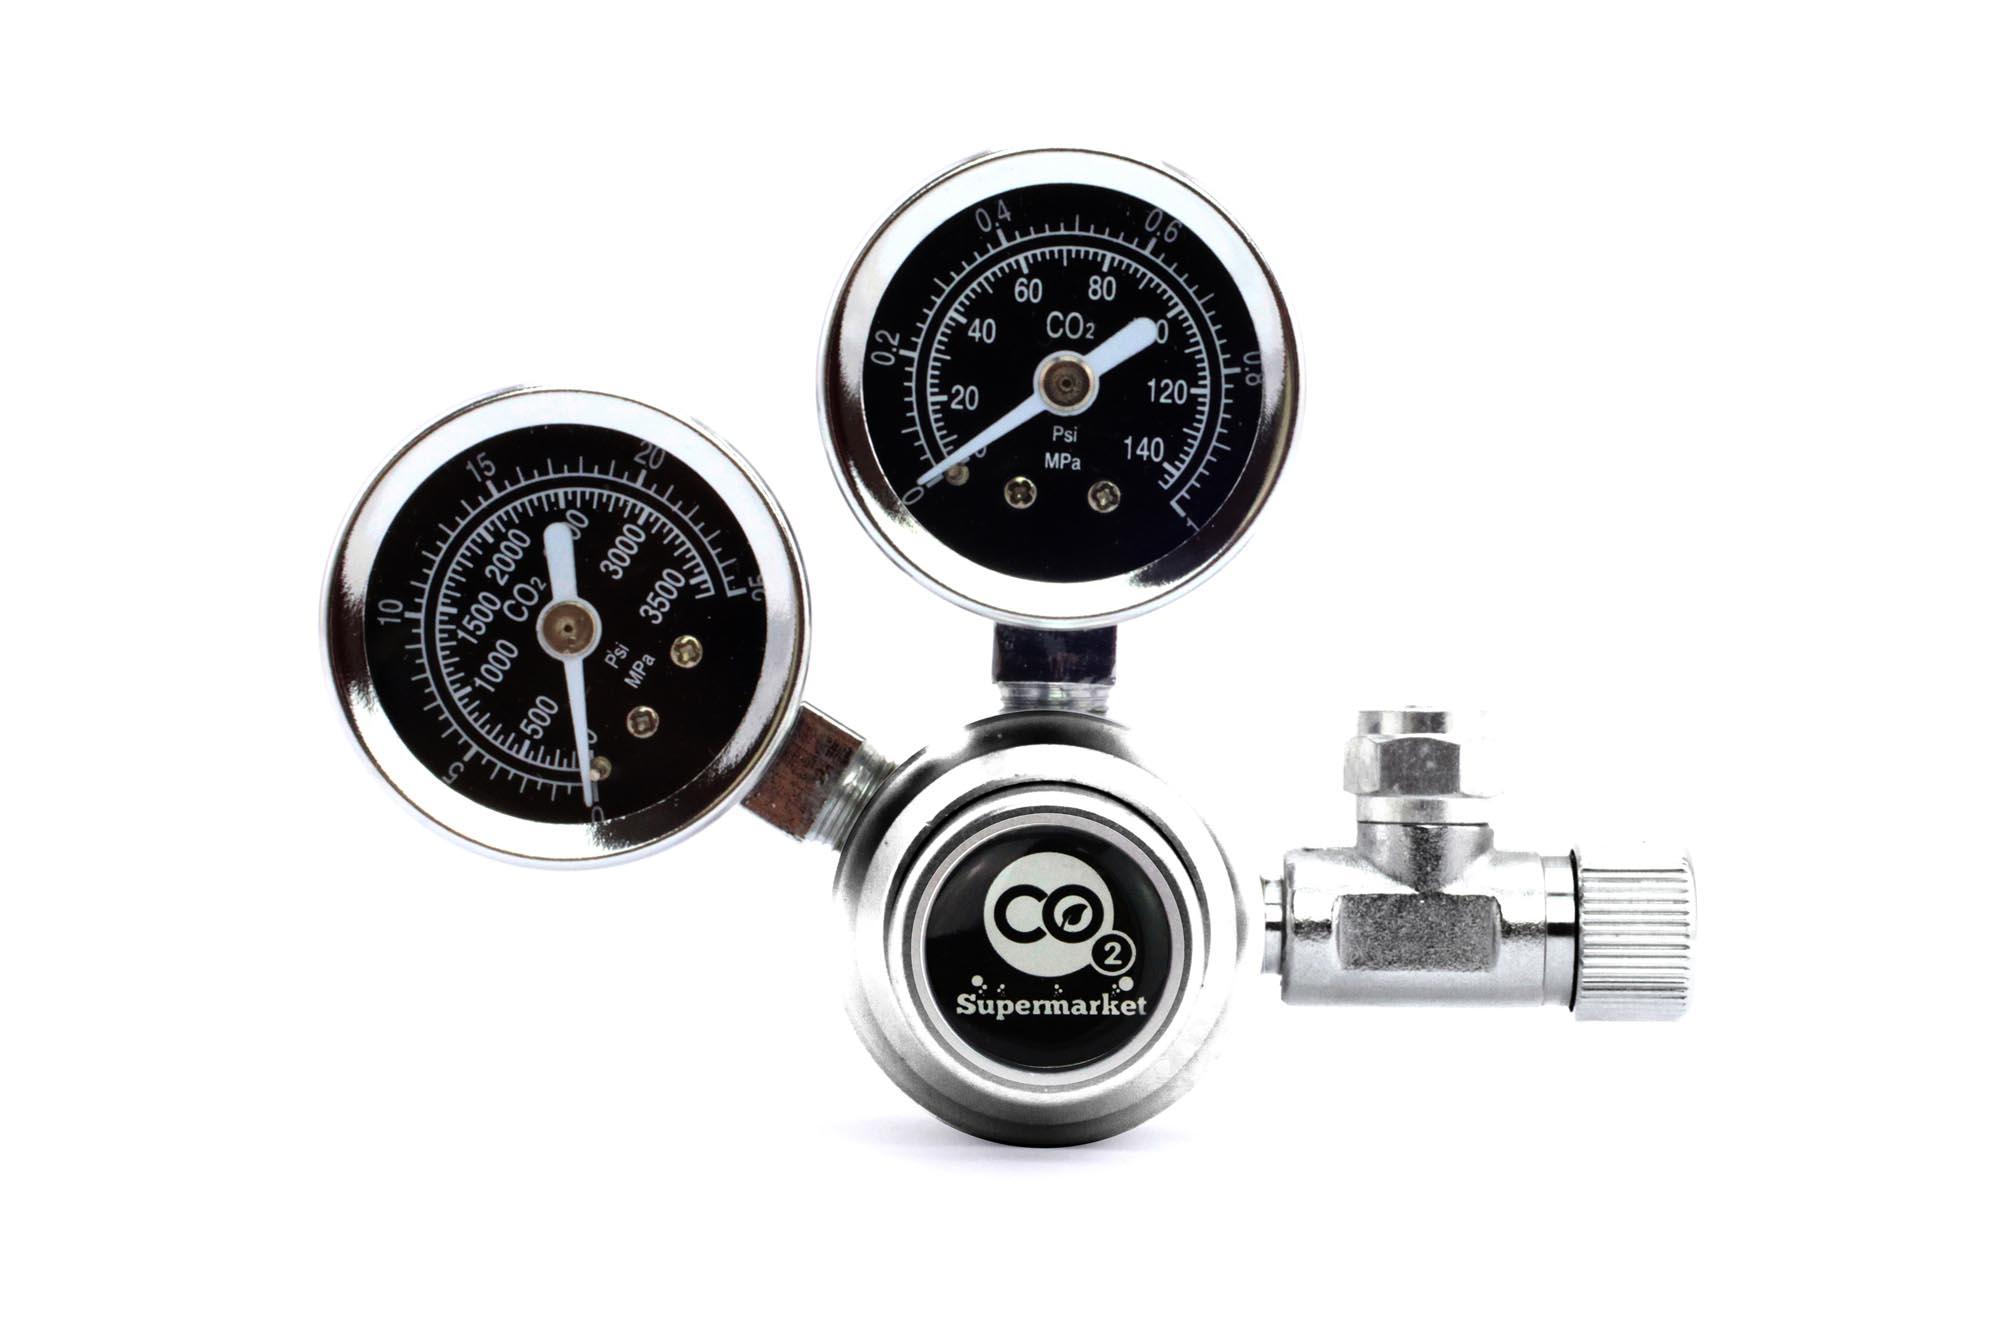 Co2 Regulator With Dual Pressure Gauges For Horizontal Cylinder Valves